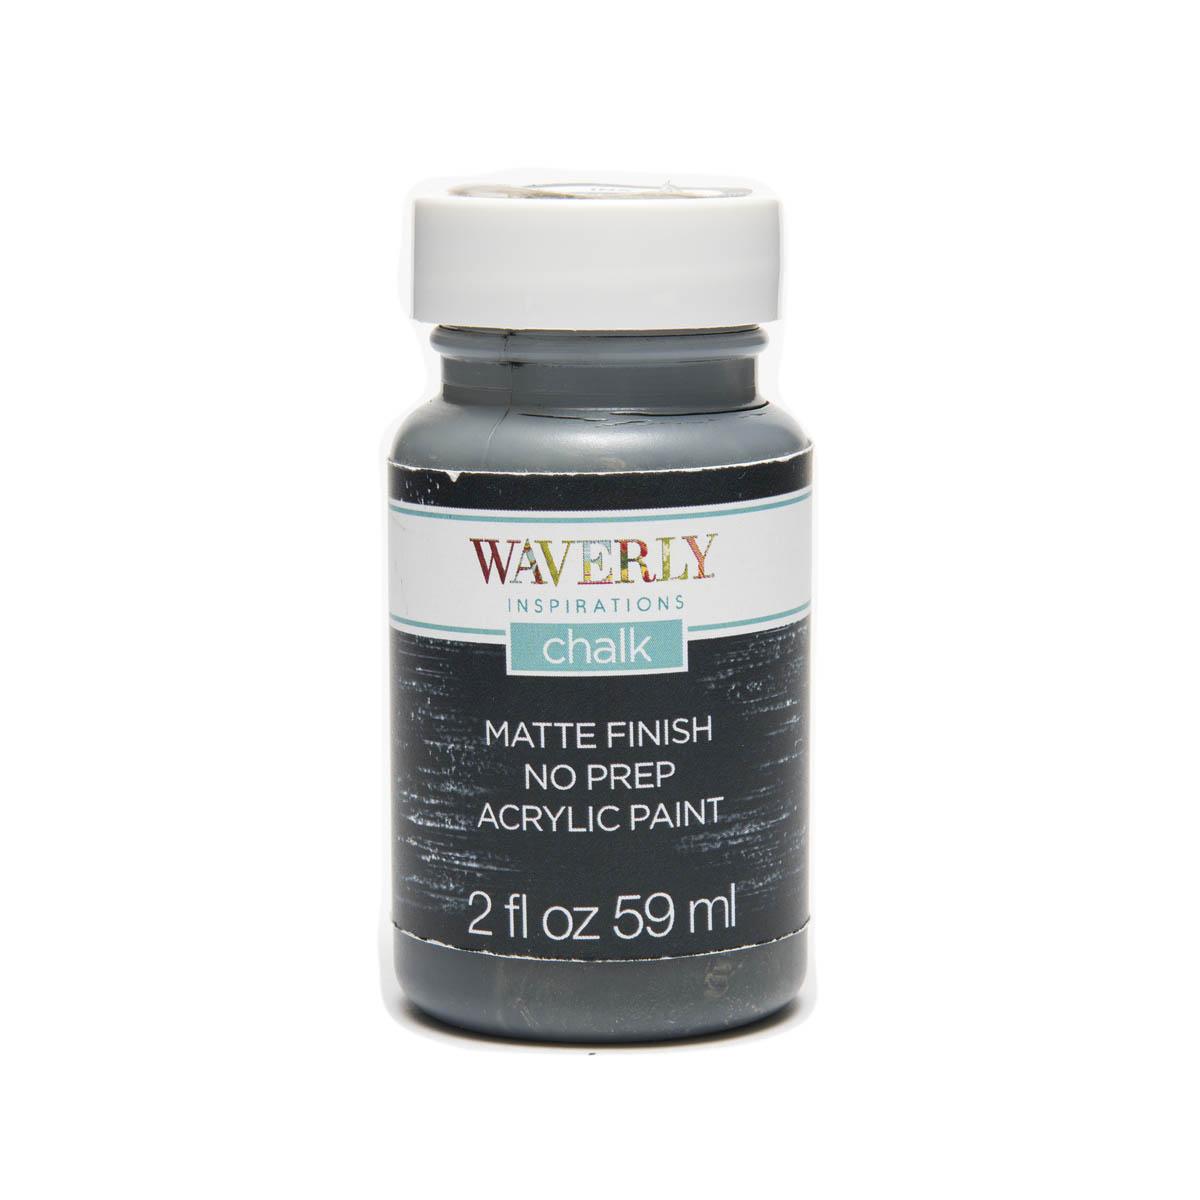 Waverly ® Inspirations Chalk Finish Acrylic Paint - Ink, 2 oz.